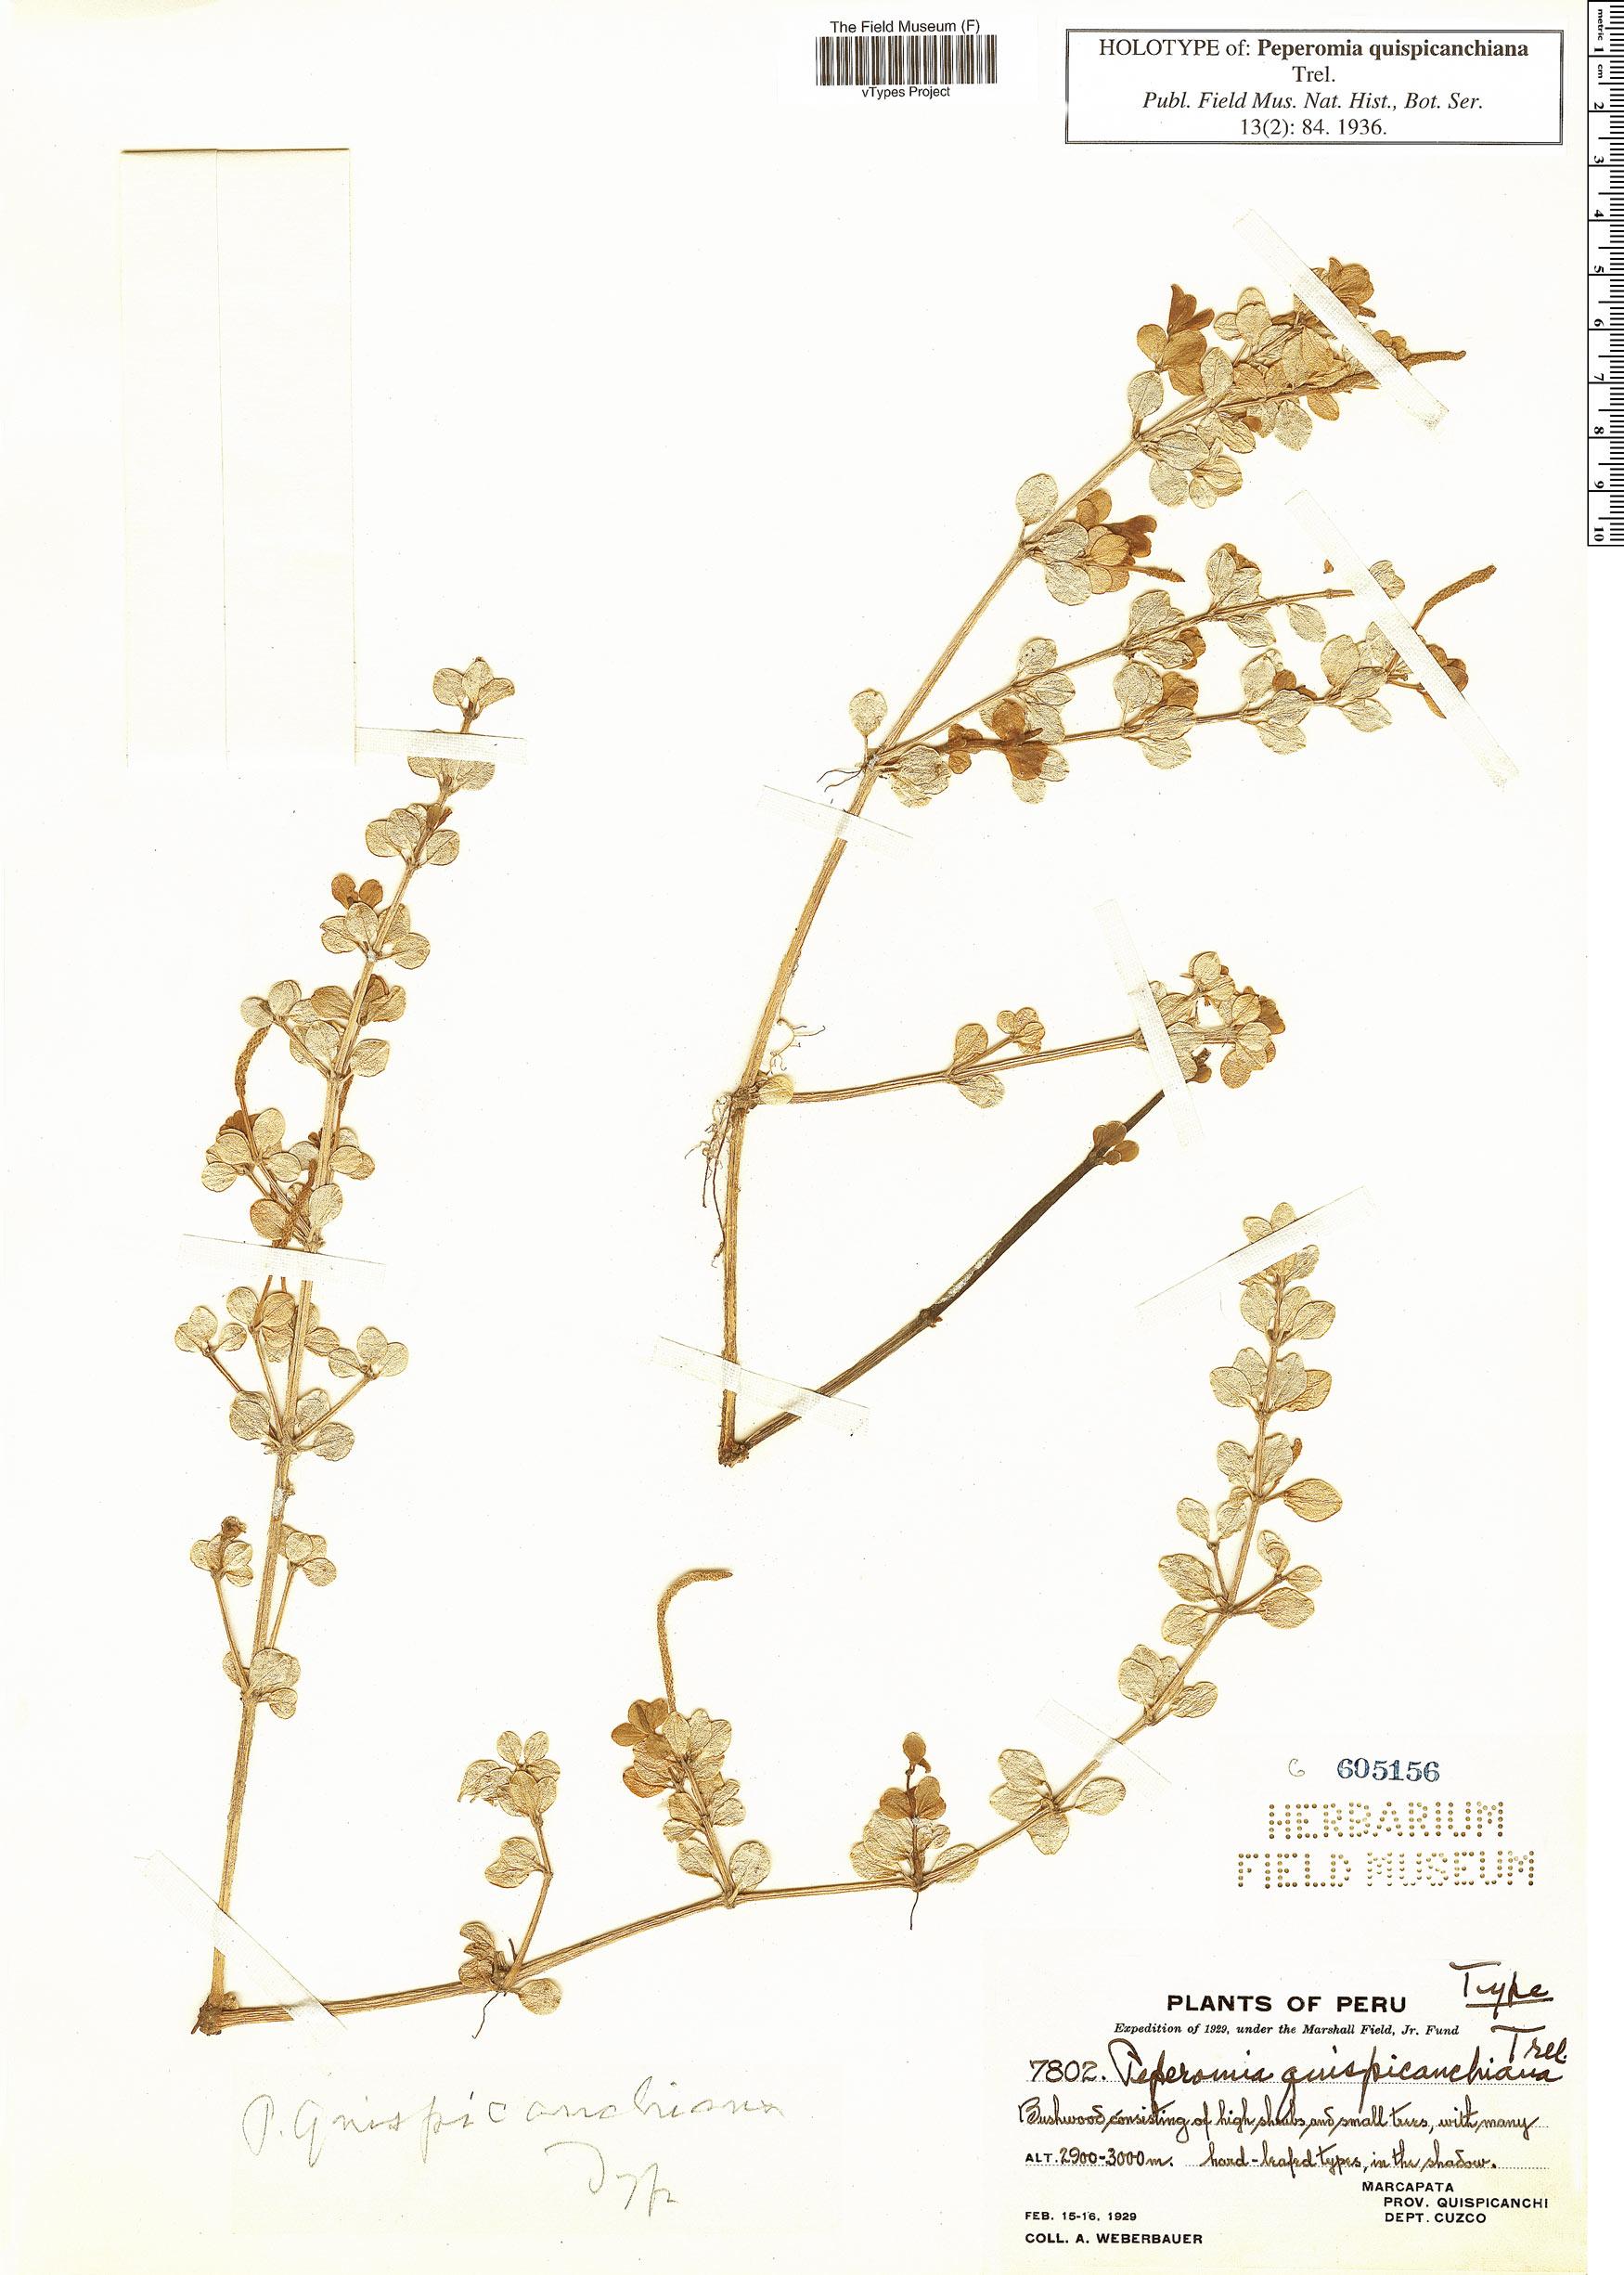 Specimen: Peperomia quispicanchiana